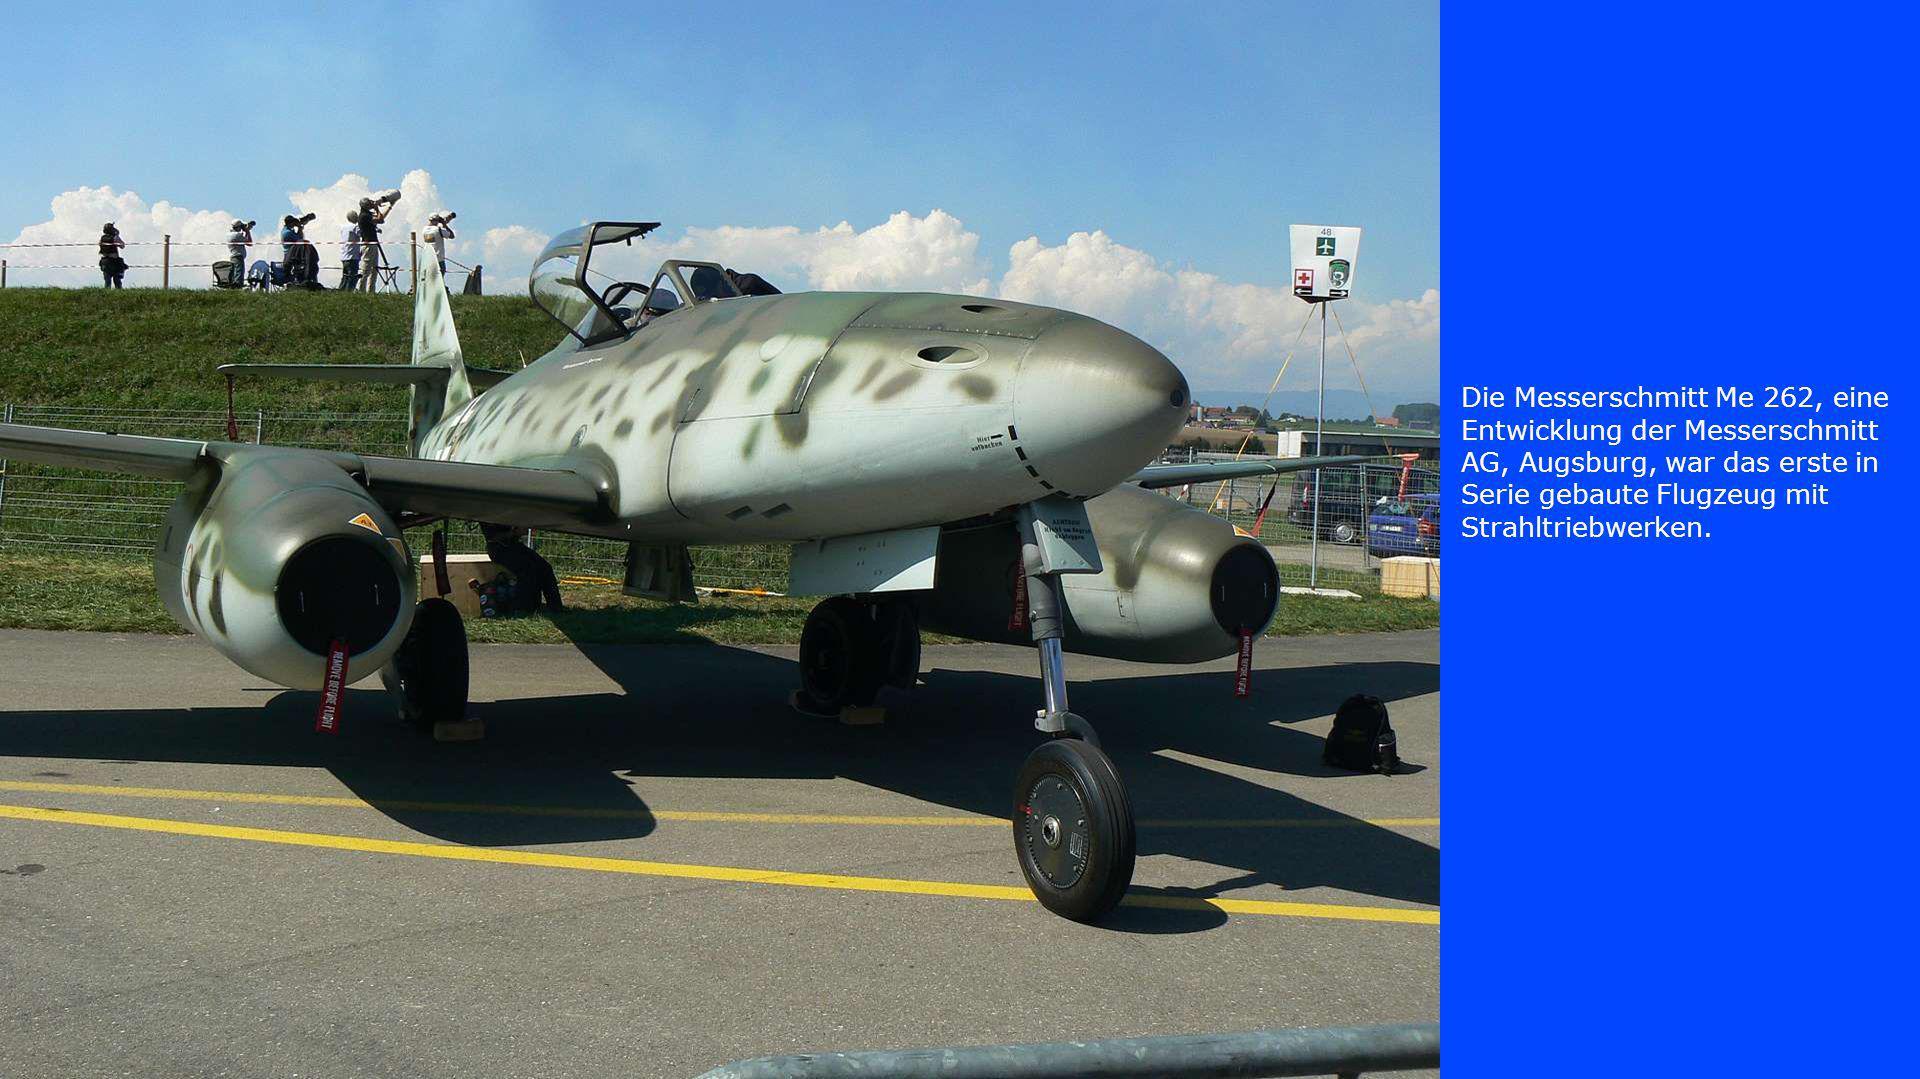 Die Messerschmitt Me 262, eine Entwicklung der Messerschmitt AG, Augsburg, war das erste in Serie gebaute Flugzeug mit Strahltriebwerken.